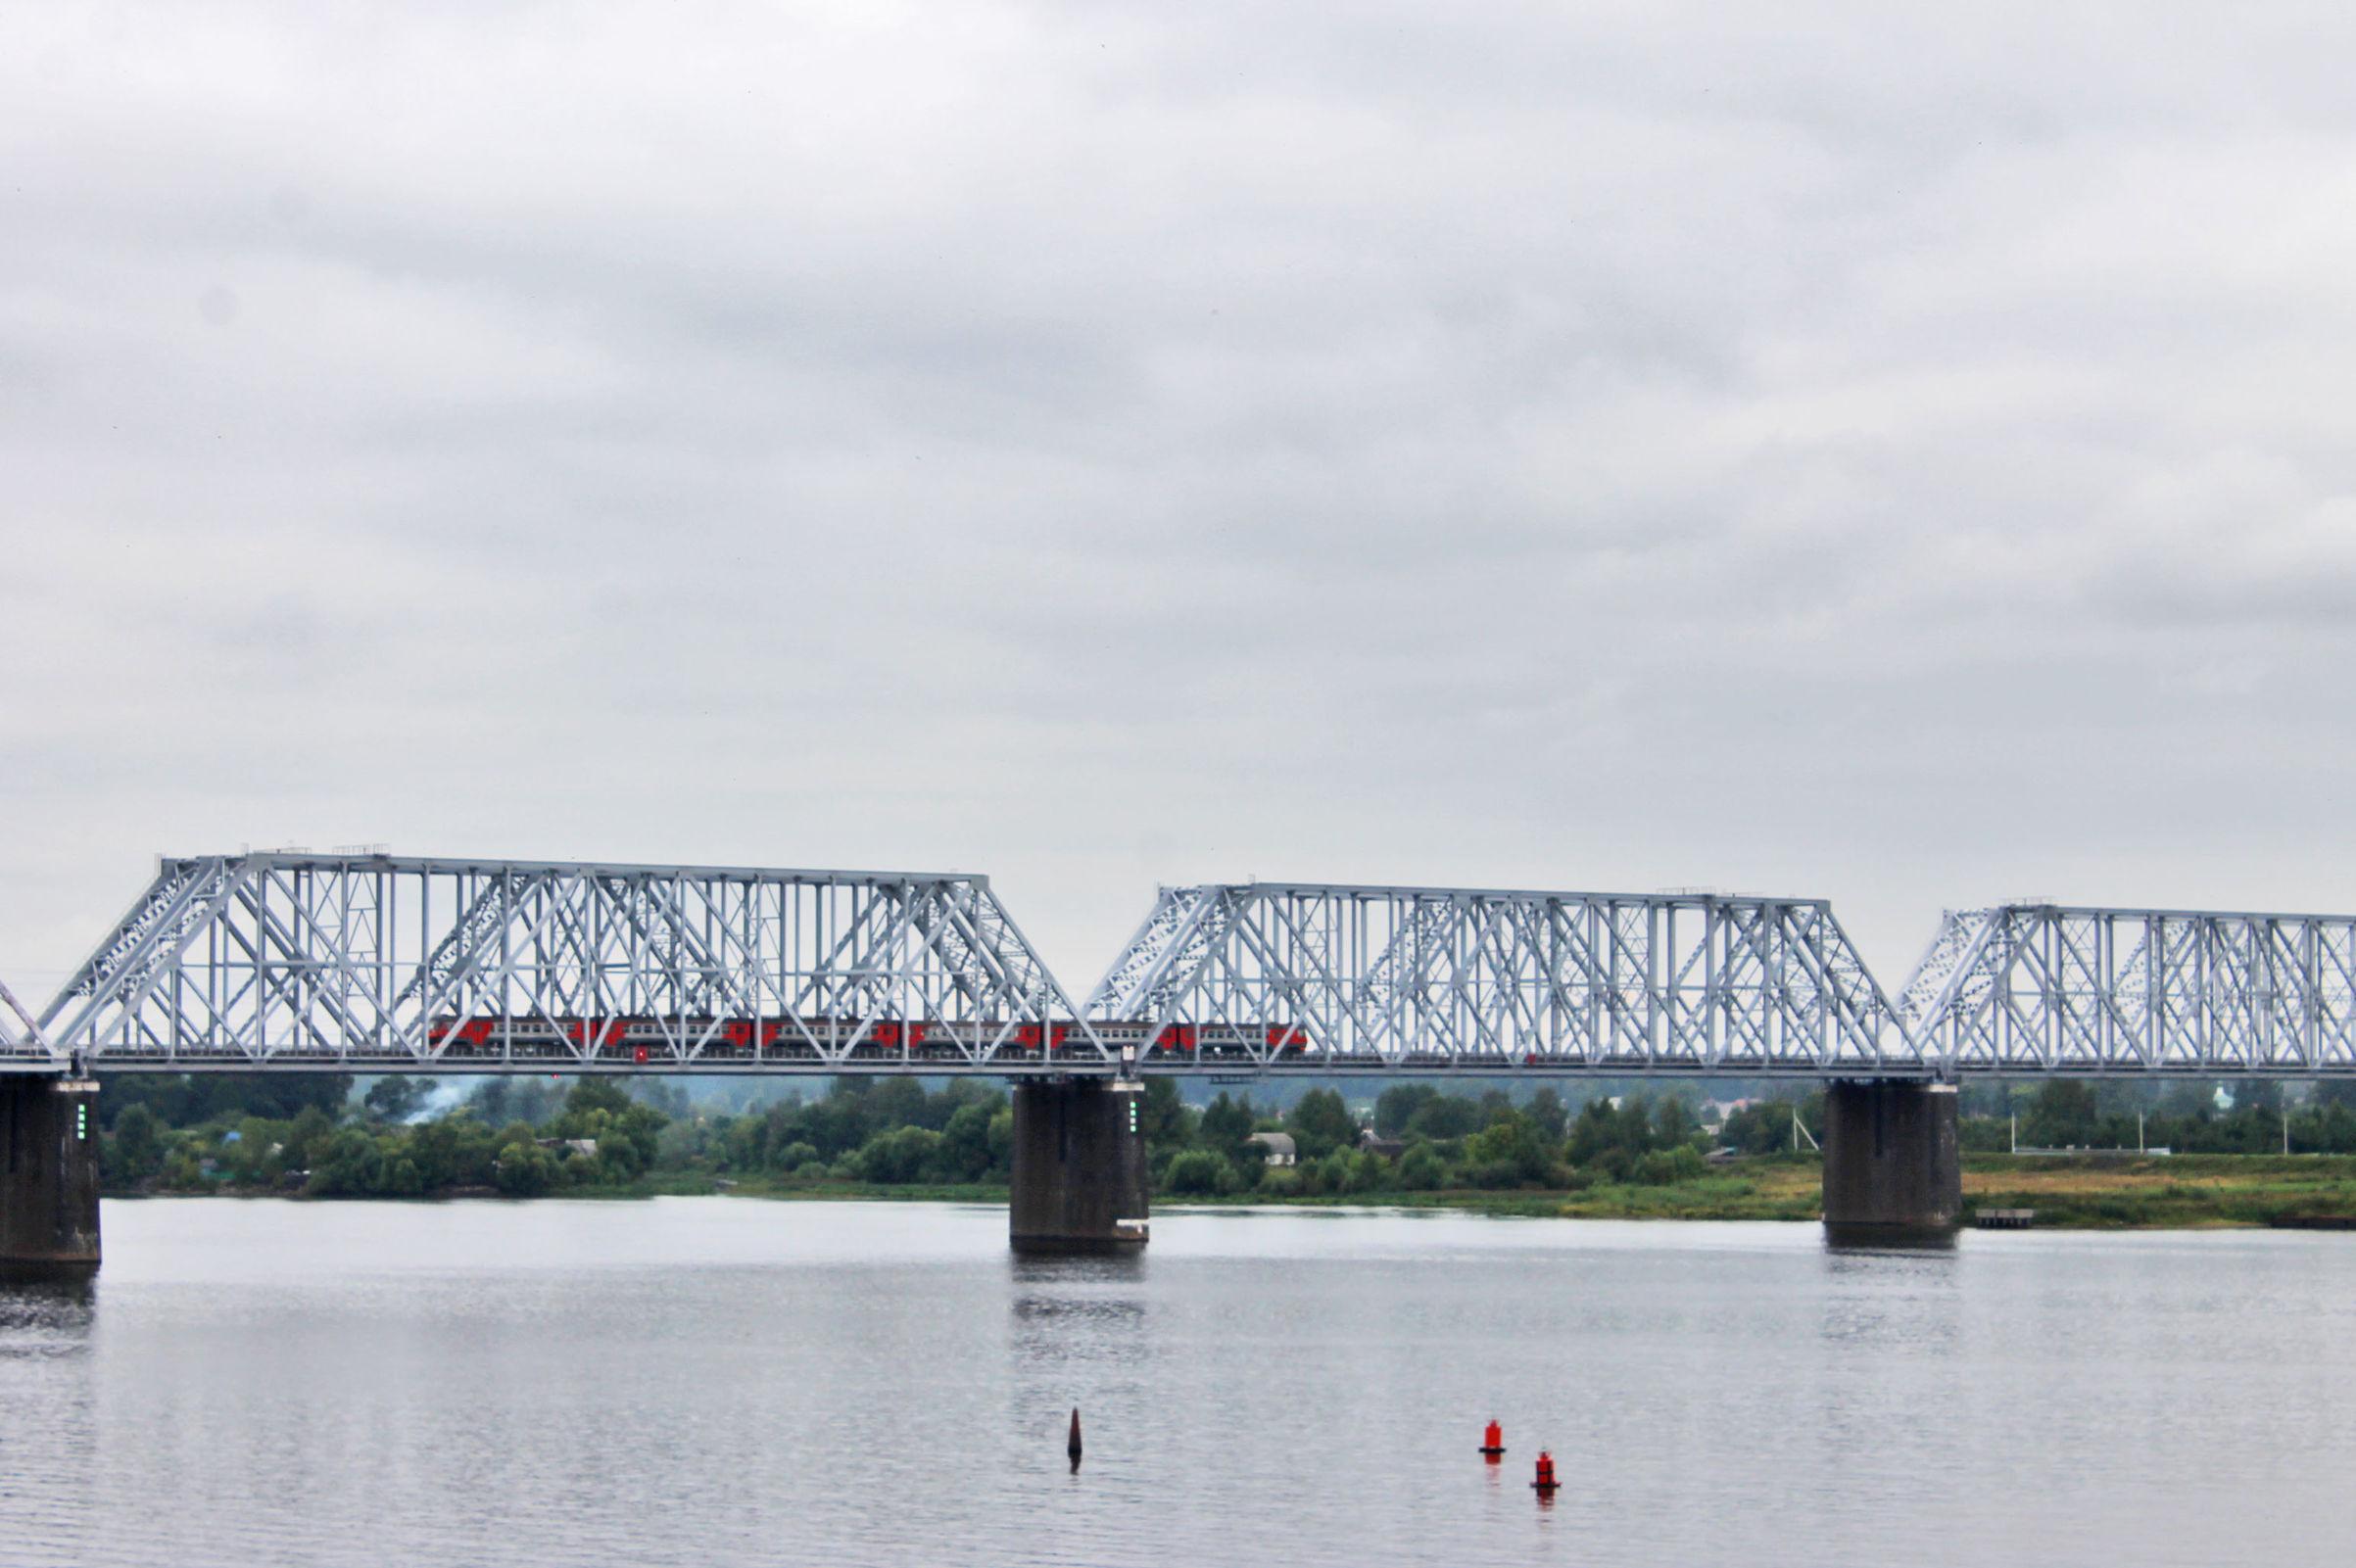 Власти Ярославля запланировали строительство новой окружной дороги и третьего моста через Волгу